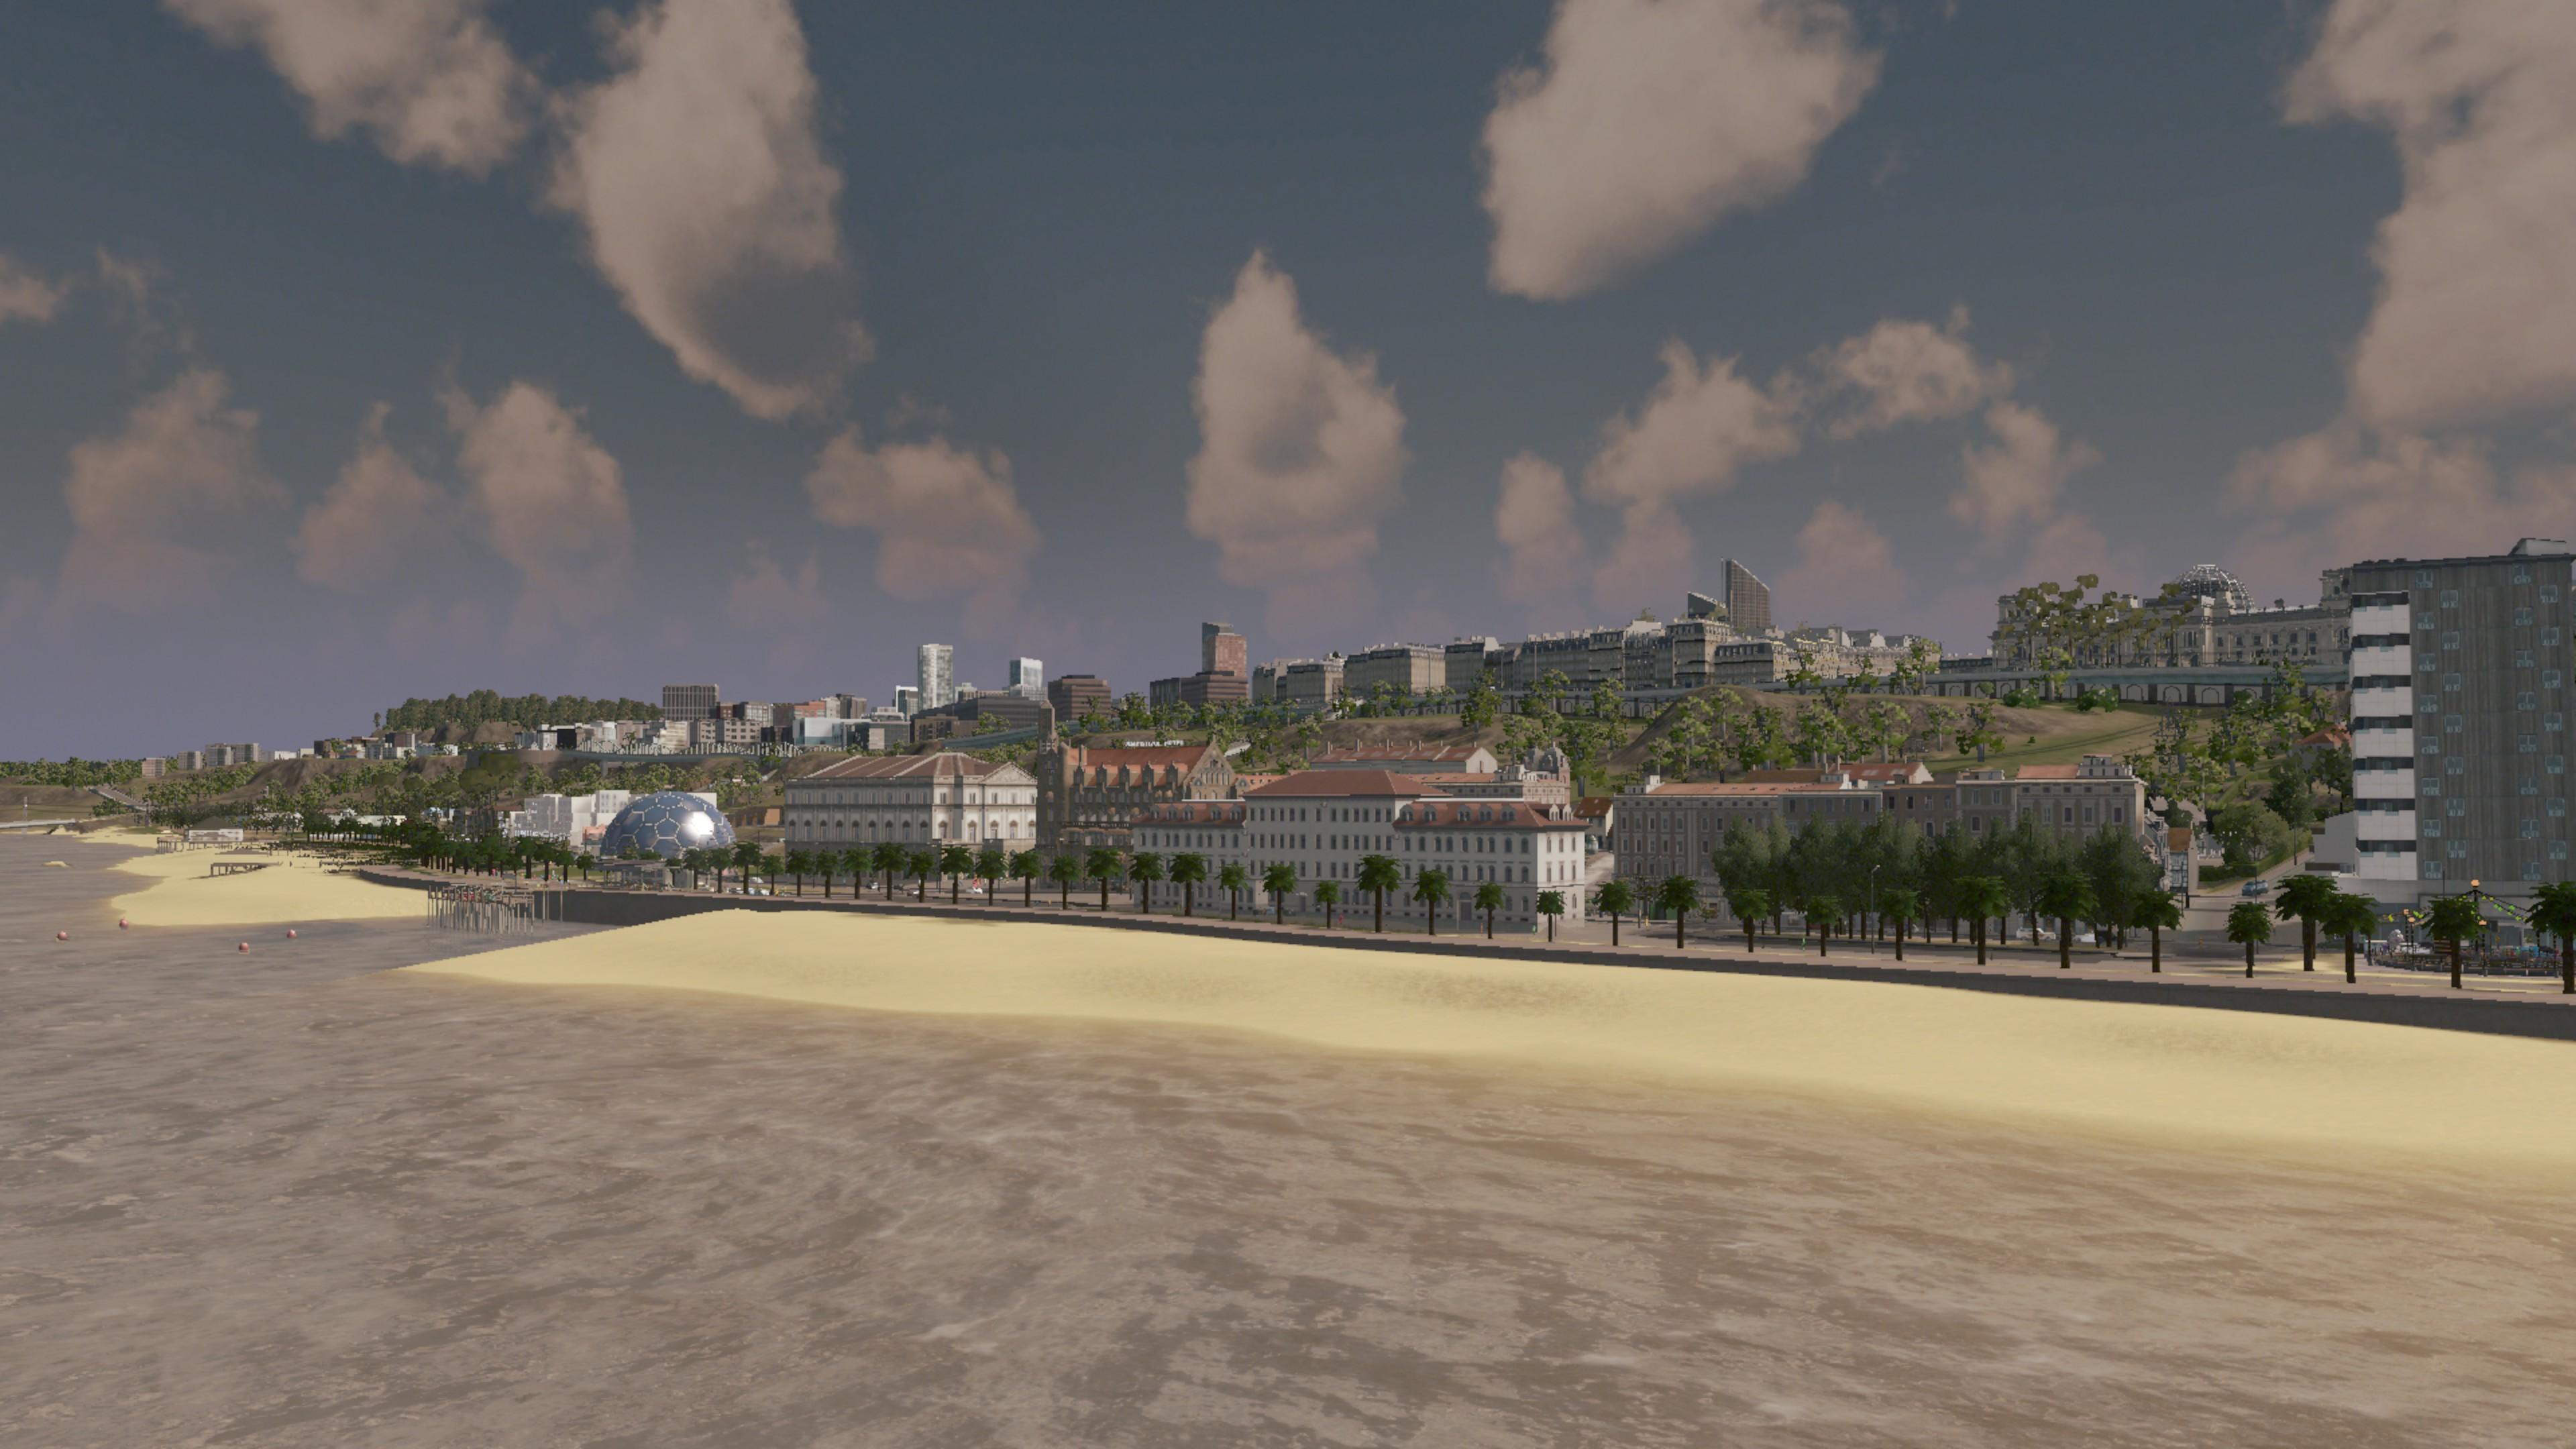 Labadie - Journal 3 d'une ville en construction - Page 3 A6C985F8F484B19C4D89748780FD723E6141C4B3